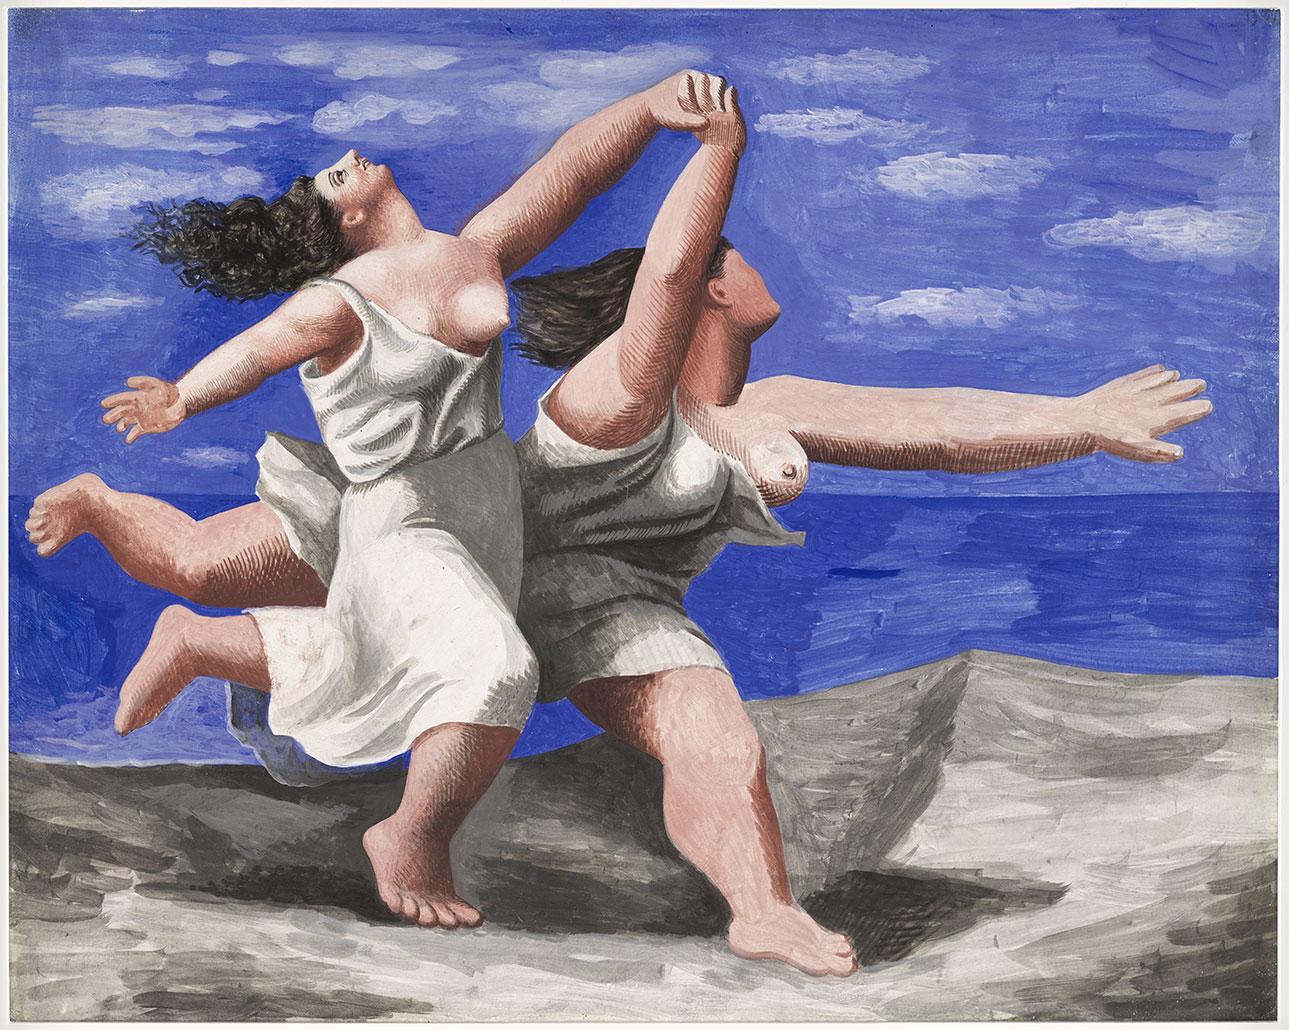 ピカソ-ビーチで走っている2人の女性-MP78-17-554081